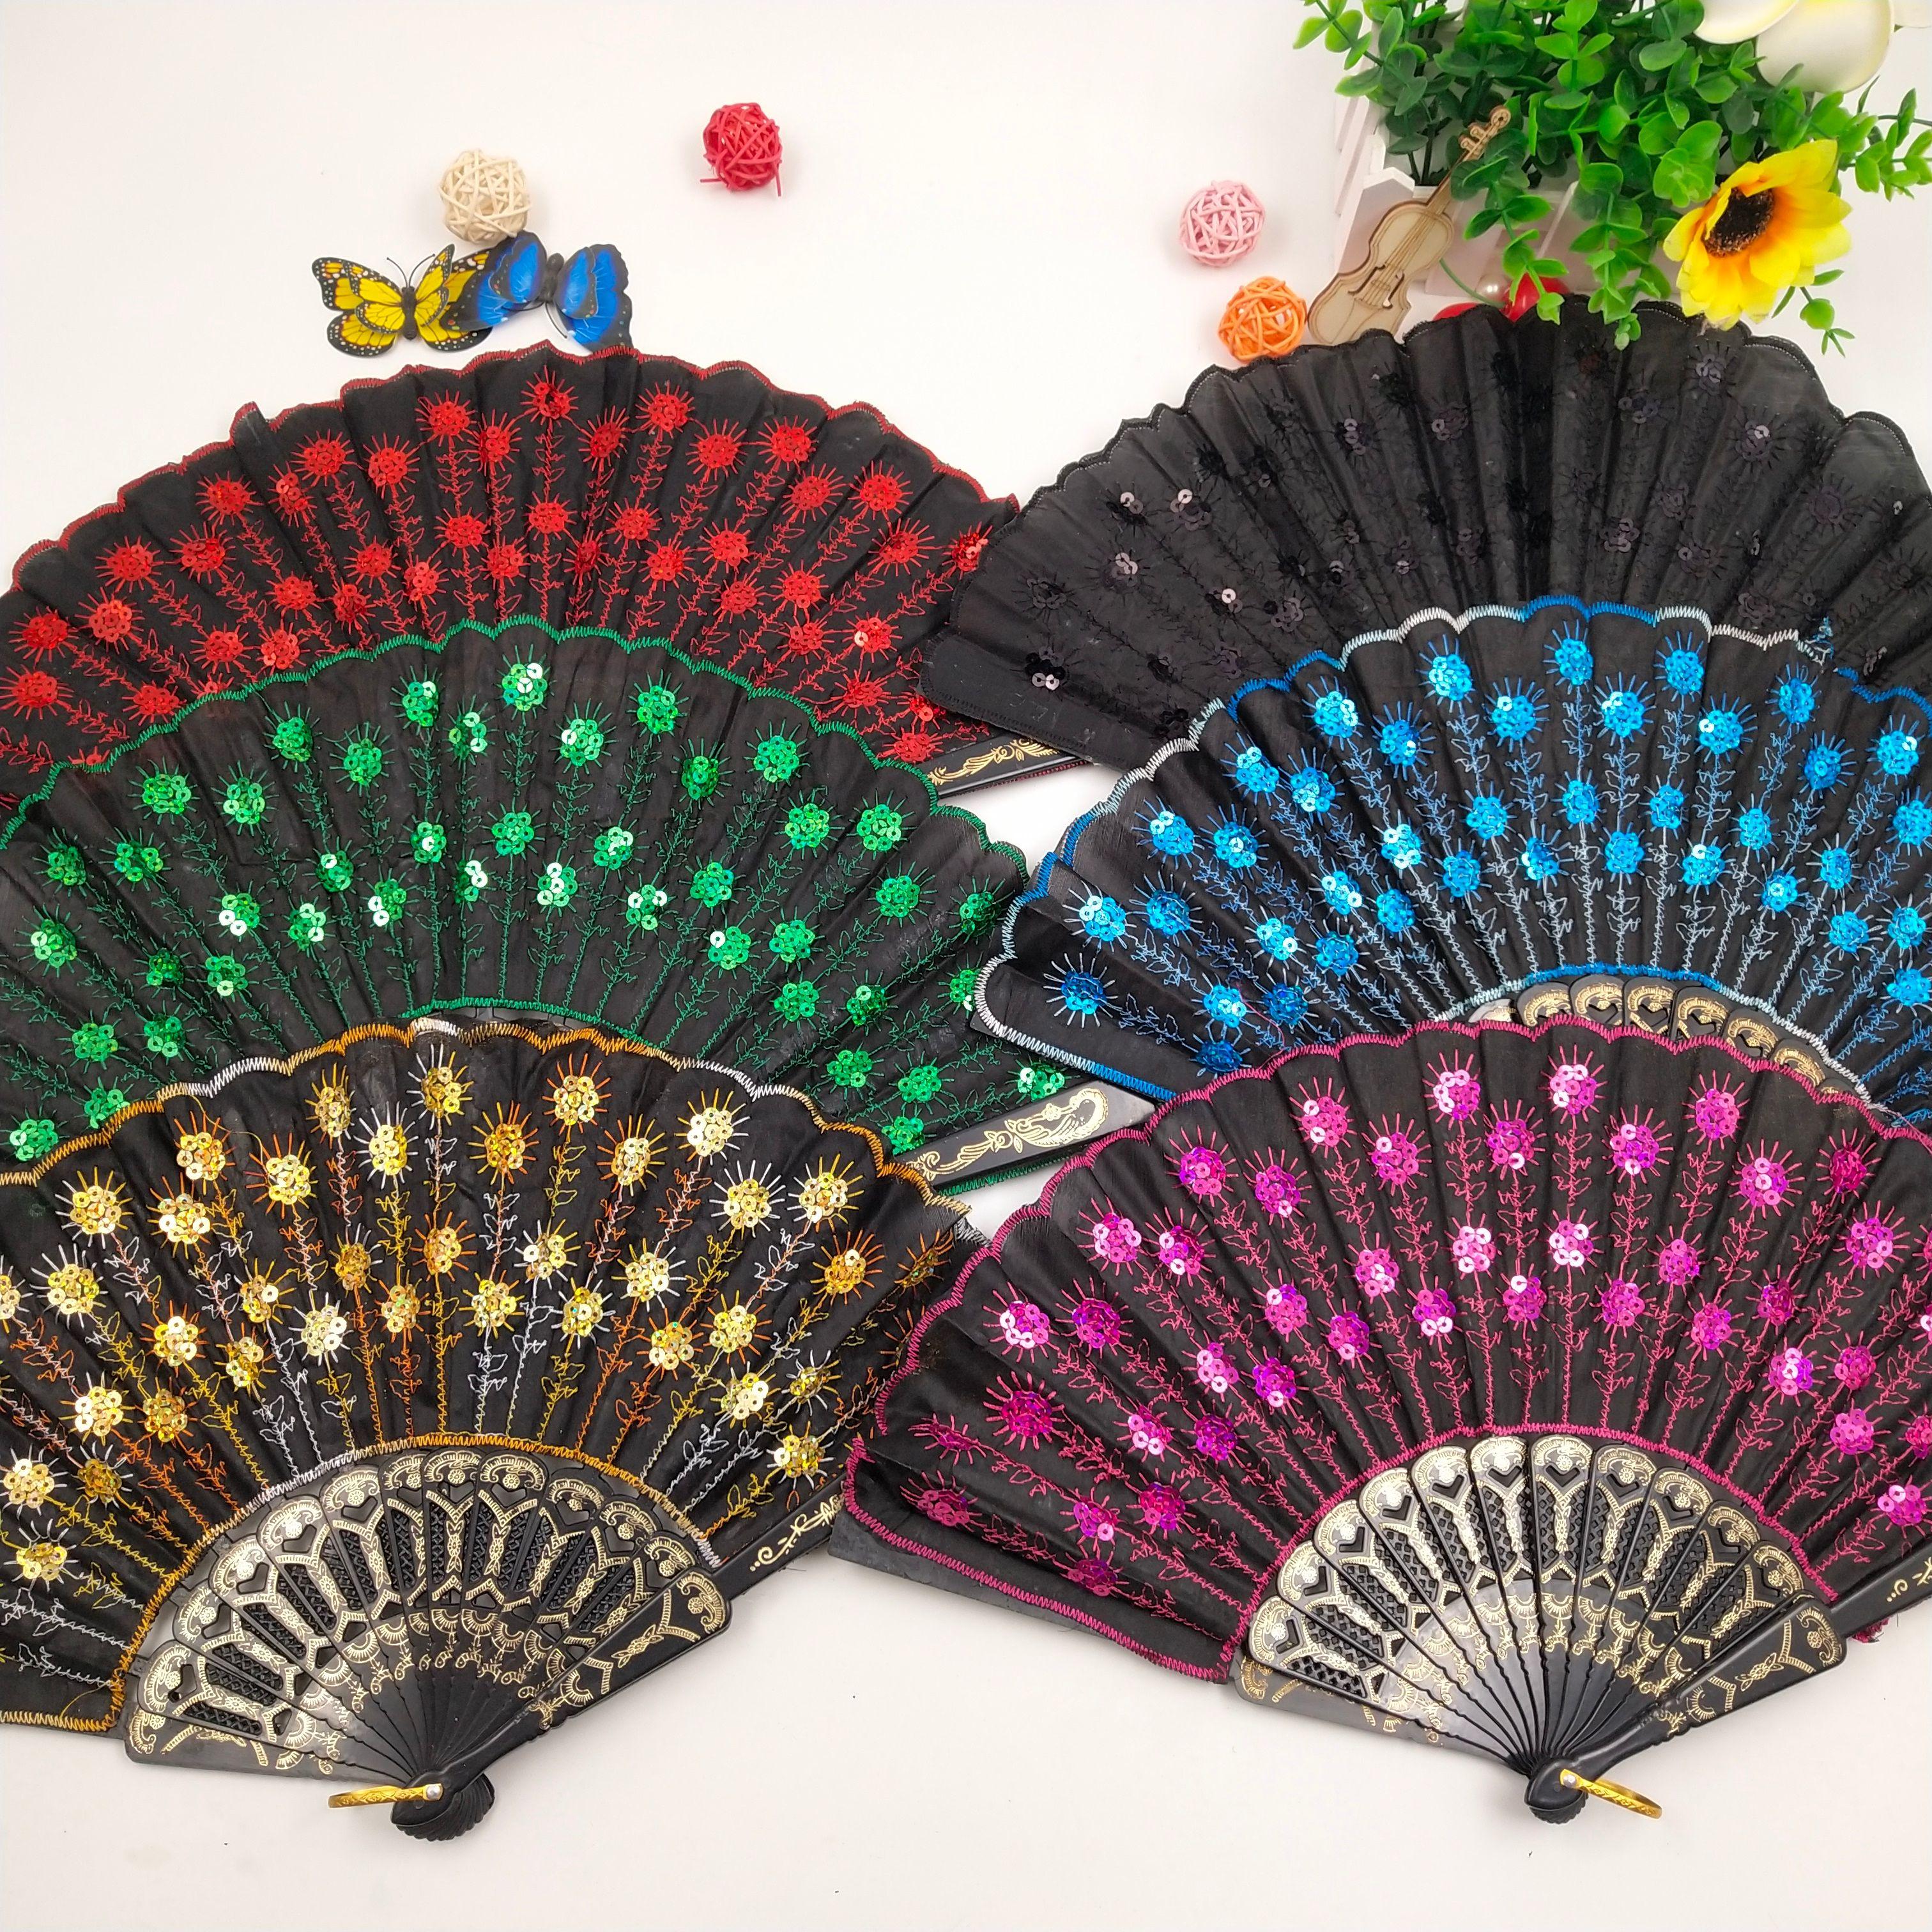 塑料亮片绣花扇厂家直销定制广告扇子西班牙跳舞扇布扇工艺扇批发